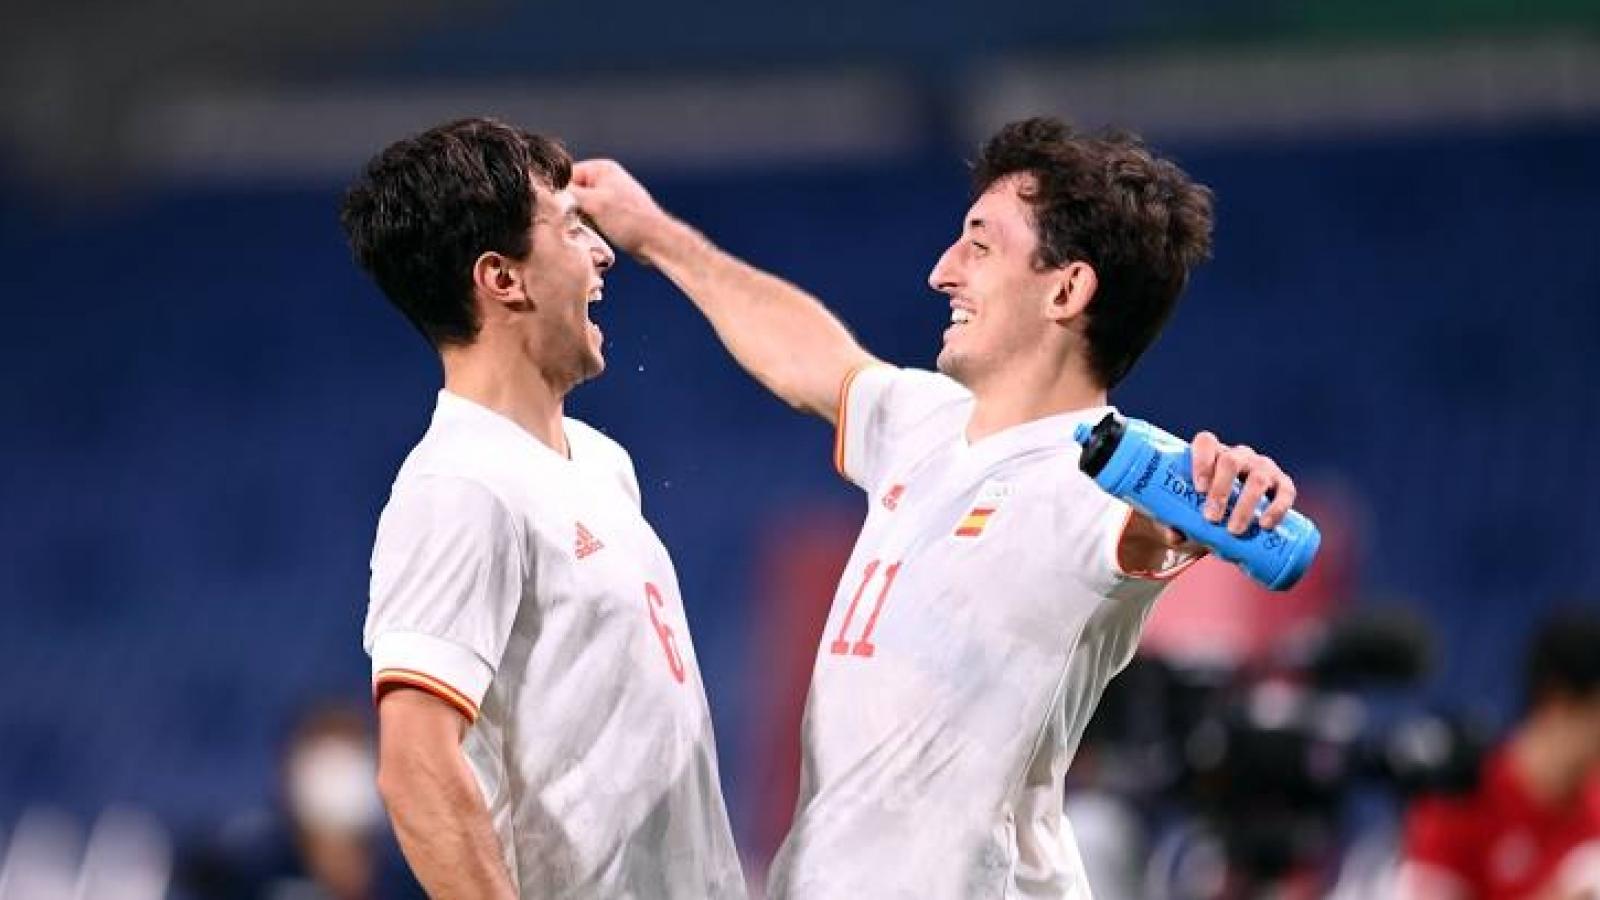 Lịch thi đấu bóng đá hôm nay 7/8: Tây Ban Nha đại chiến Brazil, Man City đấu Leicester